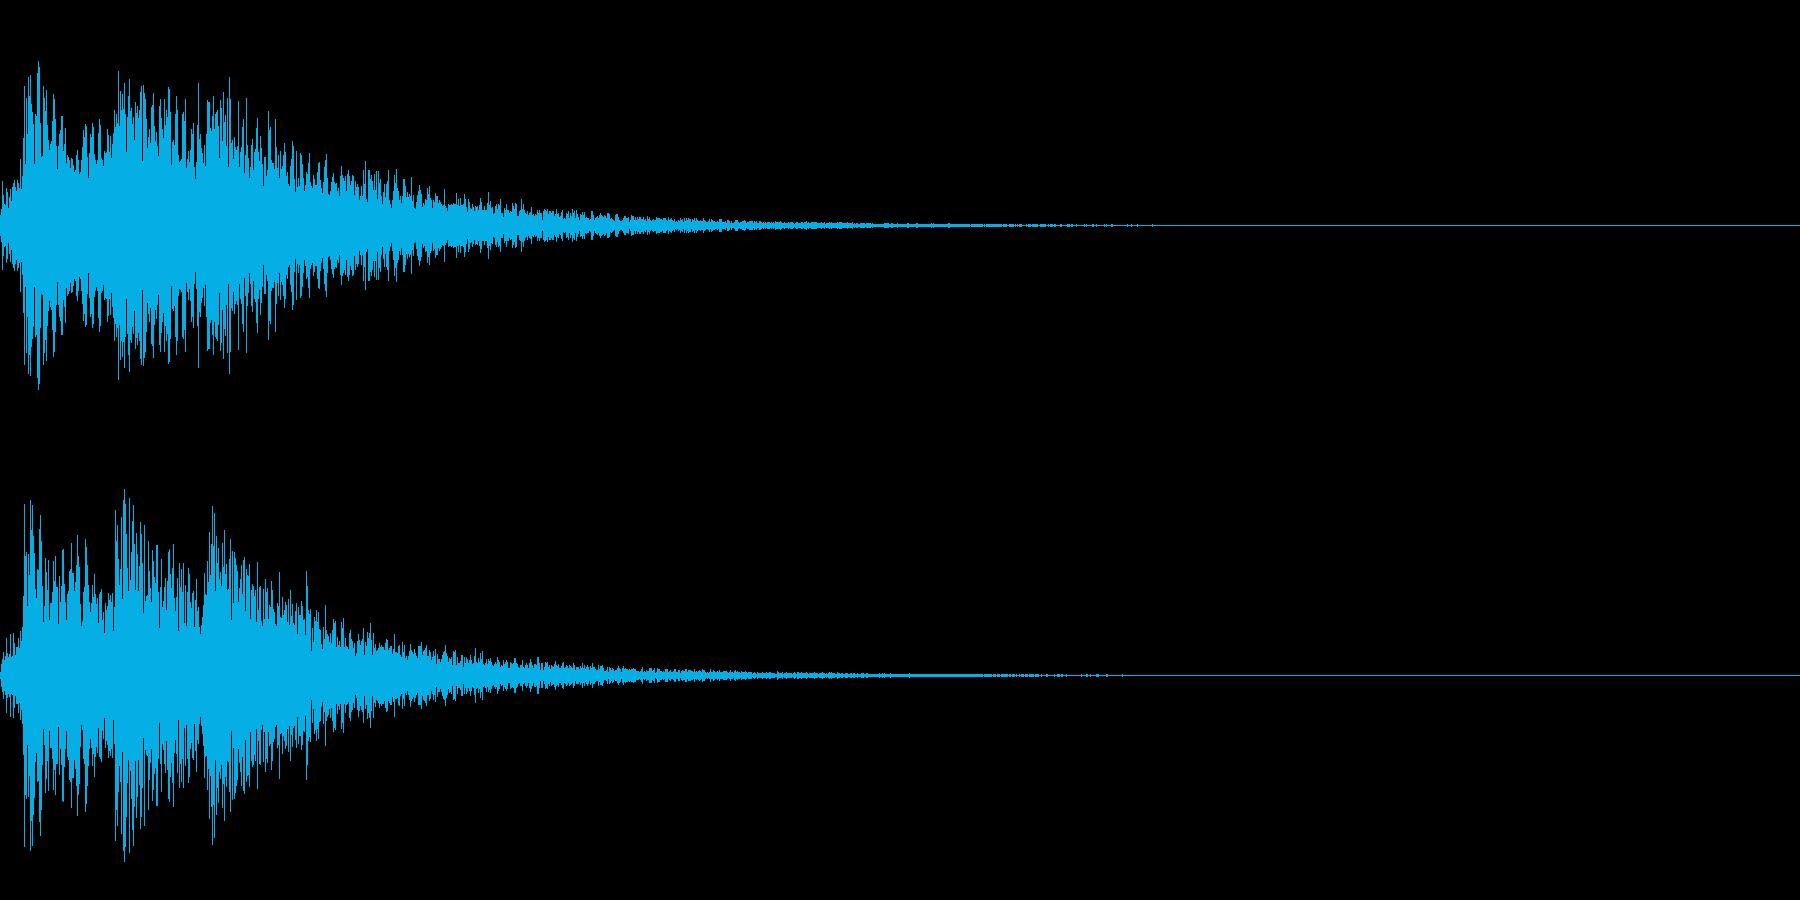 生ピアノ 重厚な和声 エンディング 終了の再生済みの波形